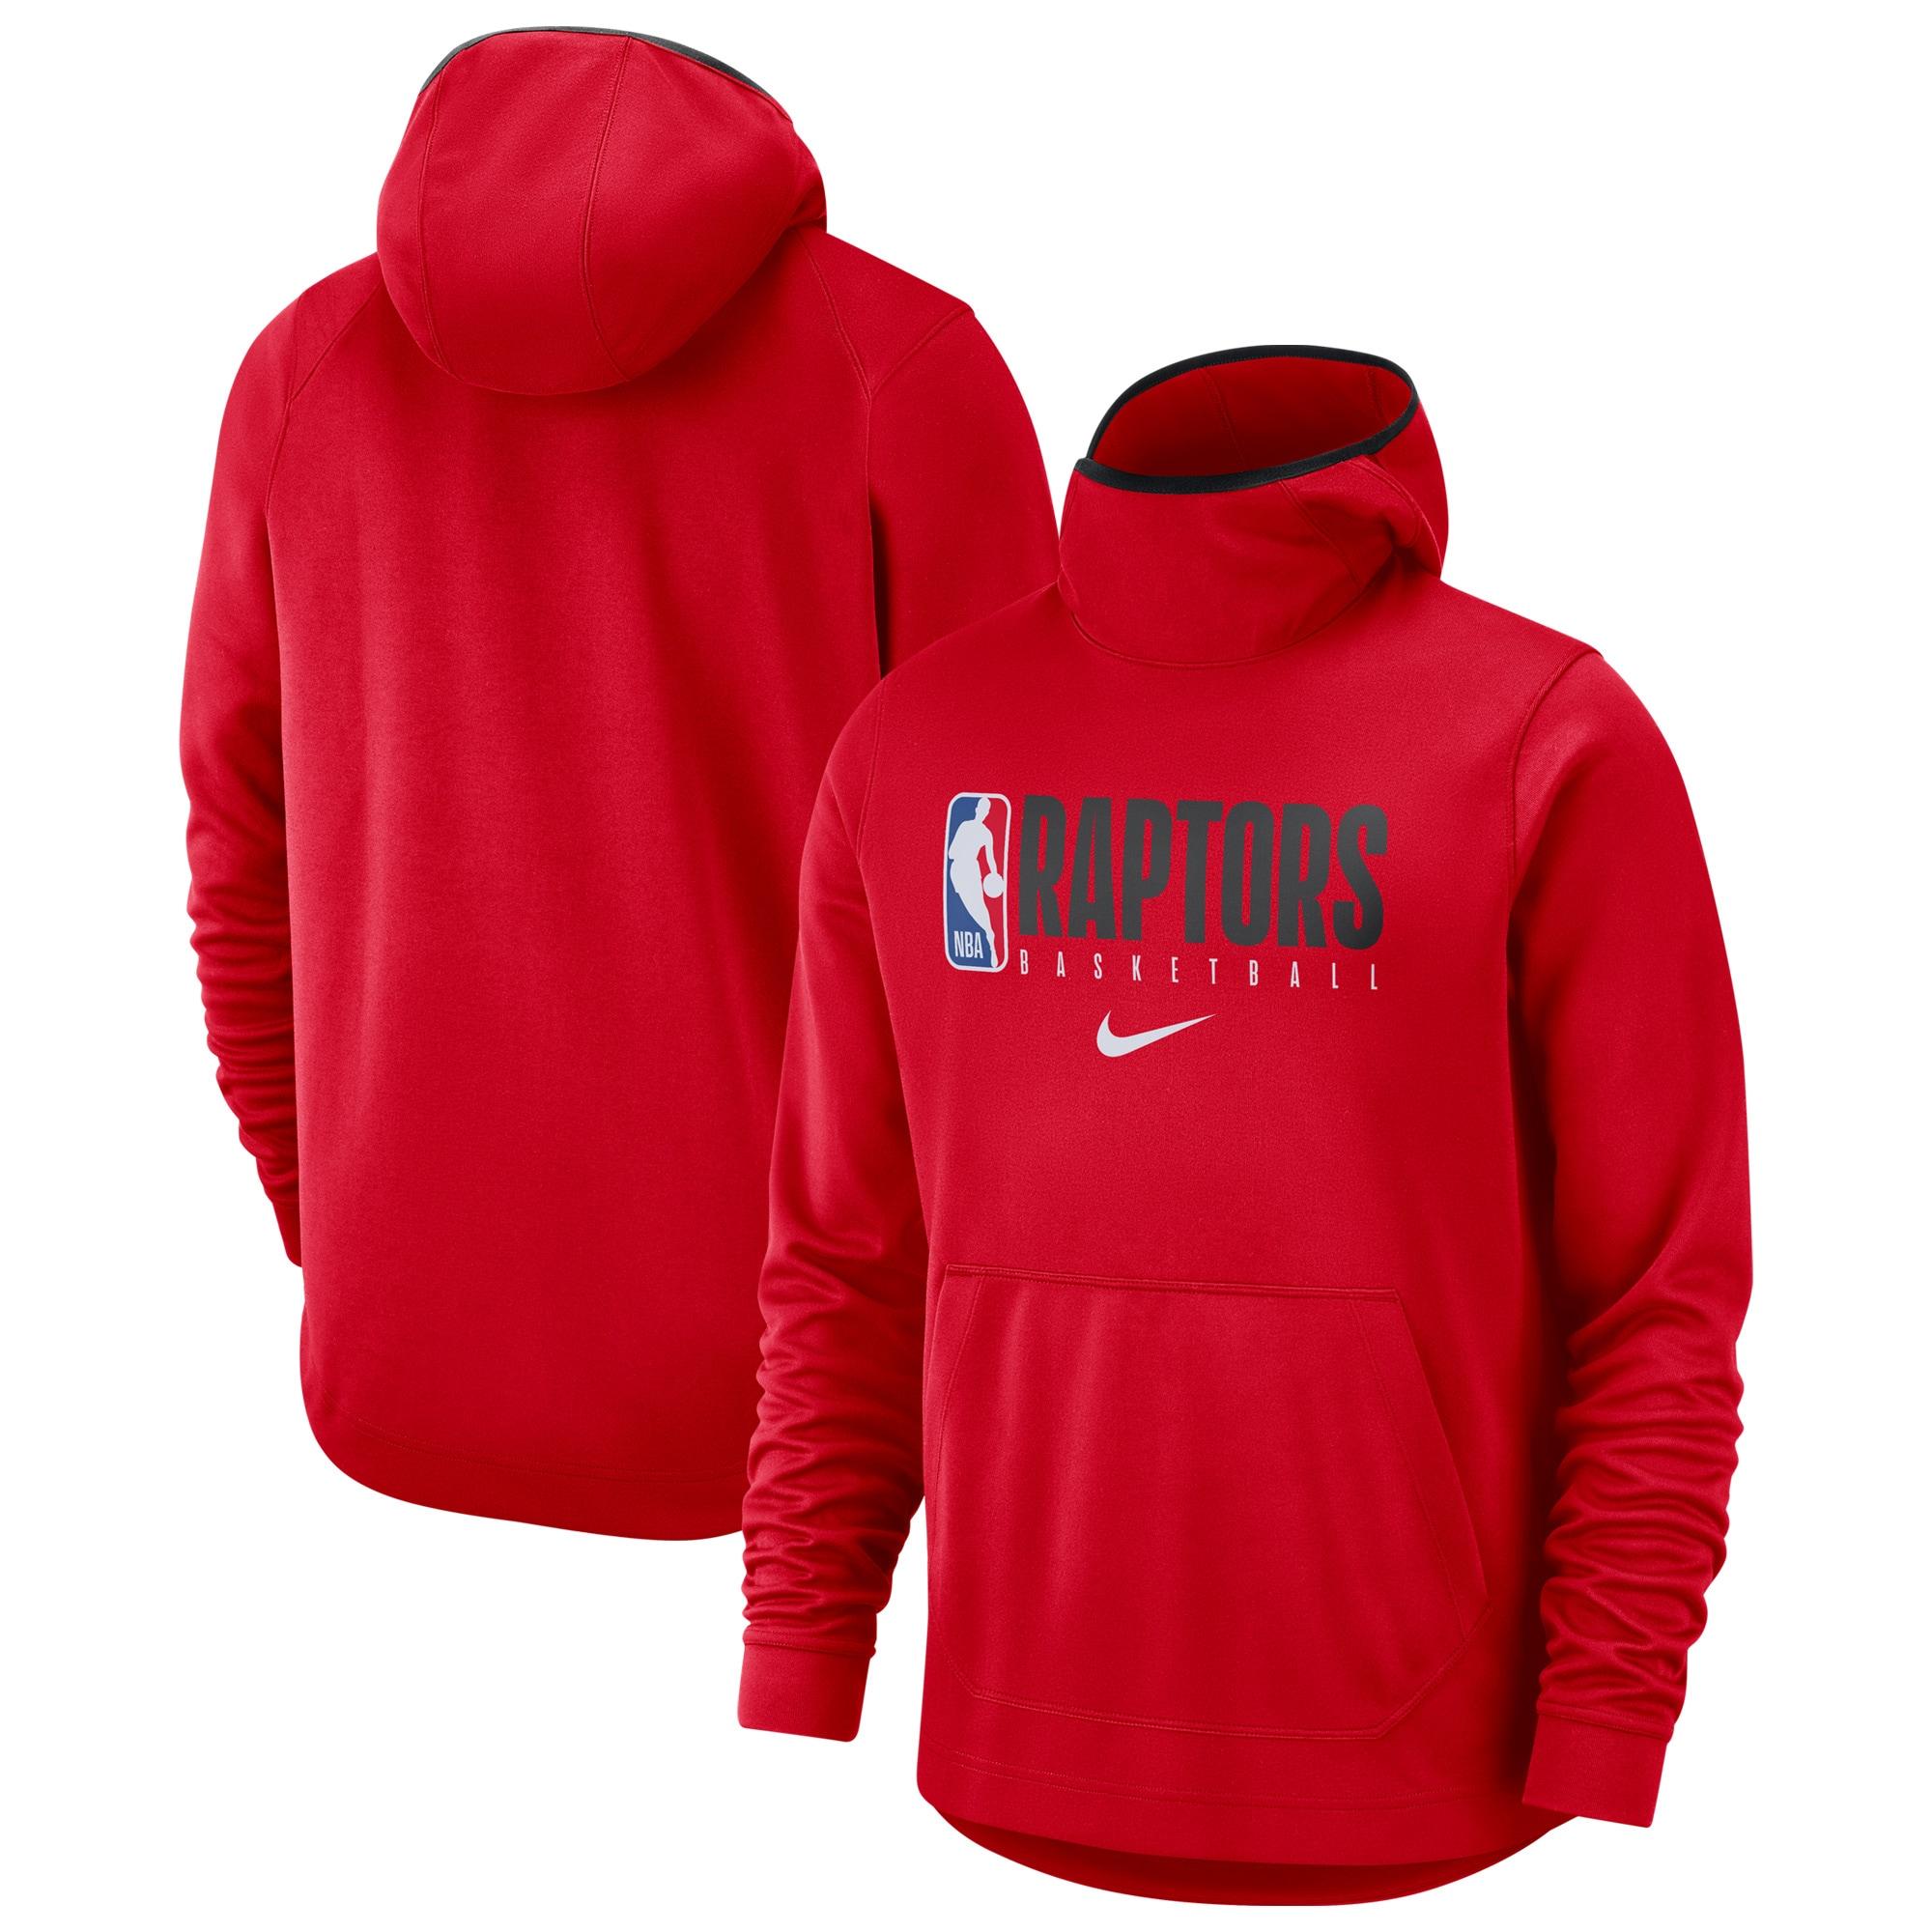 Toronto Raptors Nike Spotlight Practice Performance Pullover Hoodie - Red